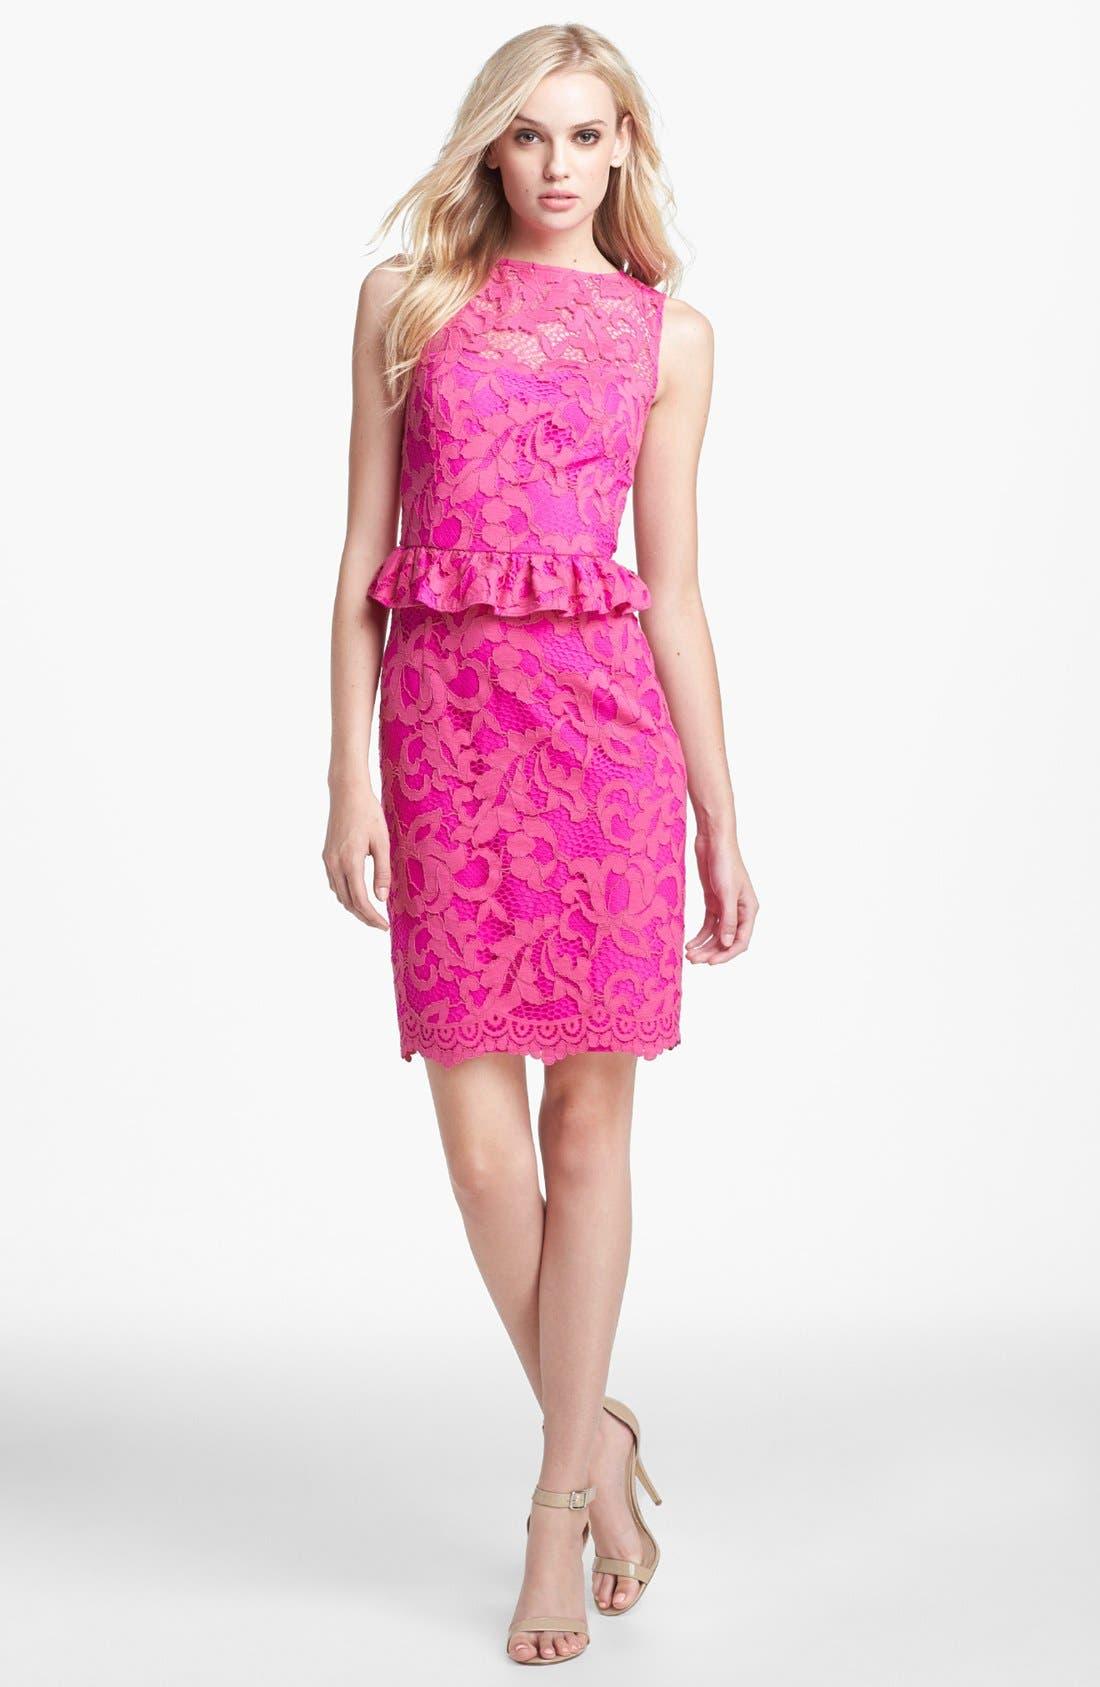 Main Image - Lilly Pulitzer® 'Kiri' Lace Peplum Dress